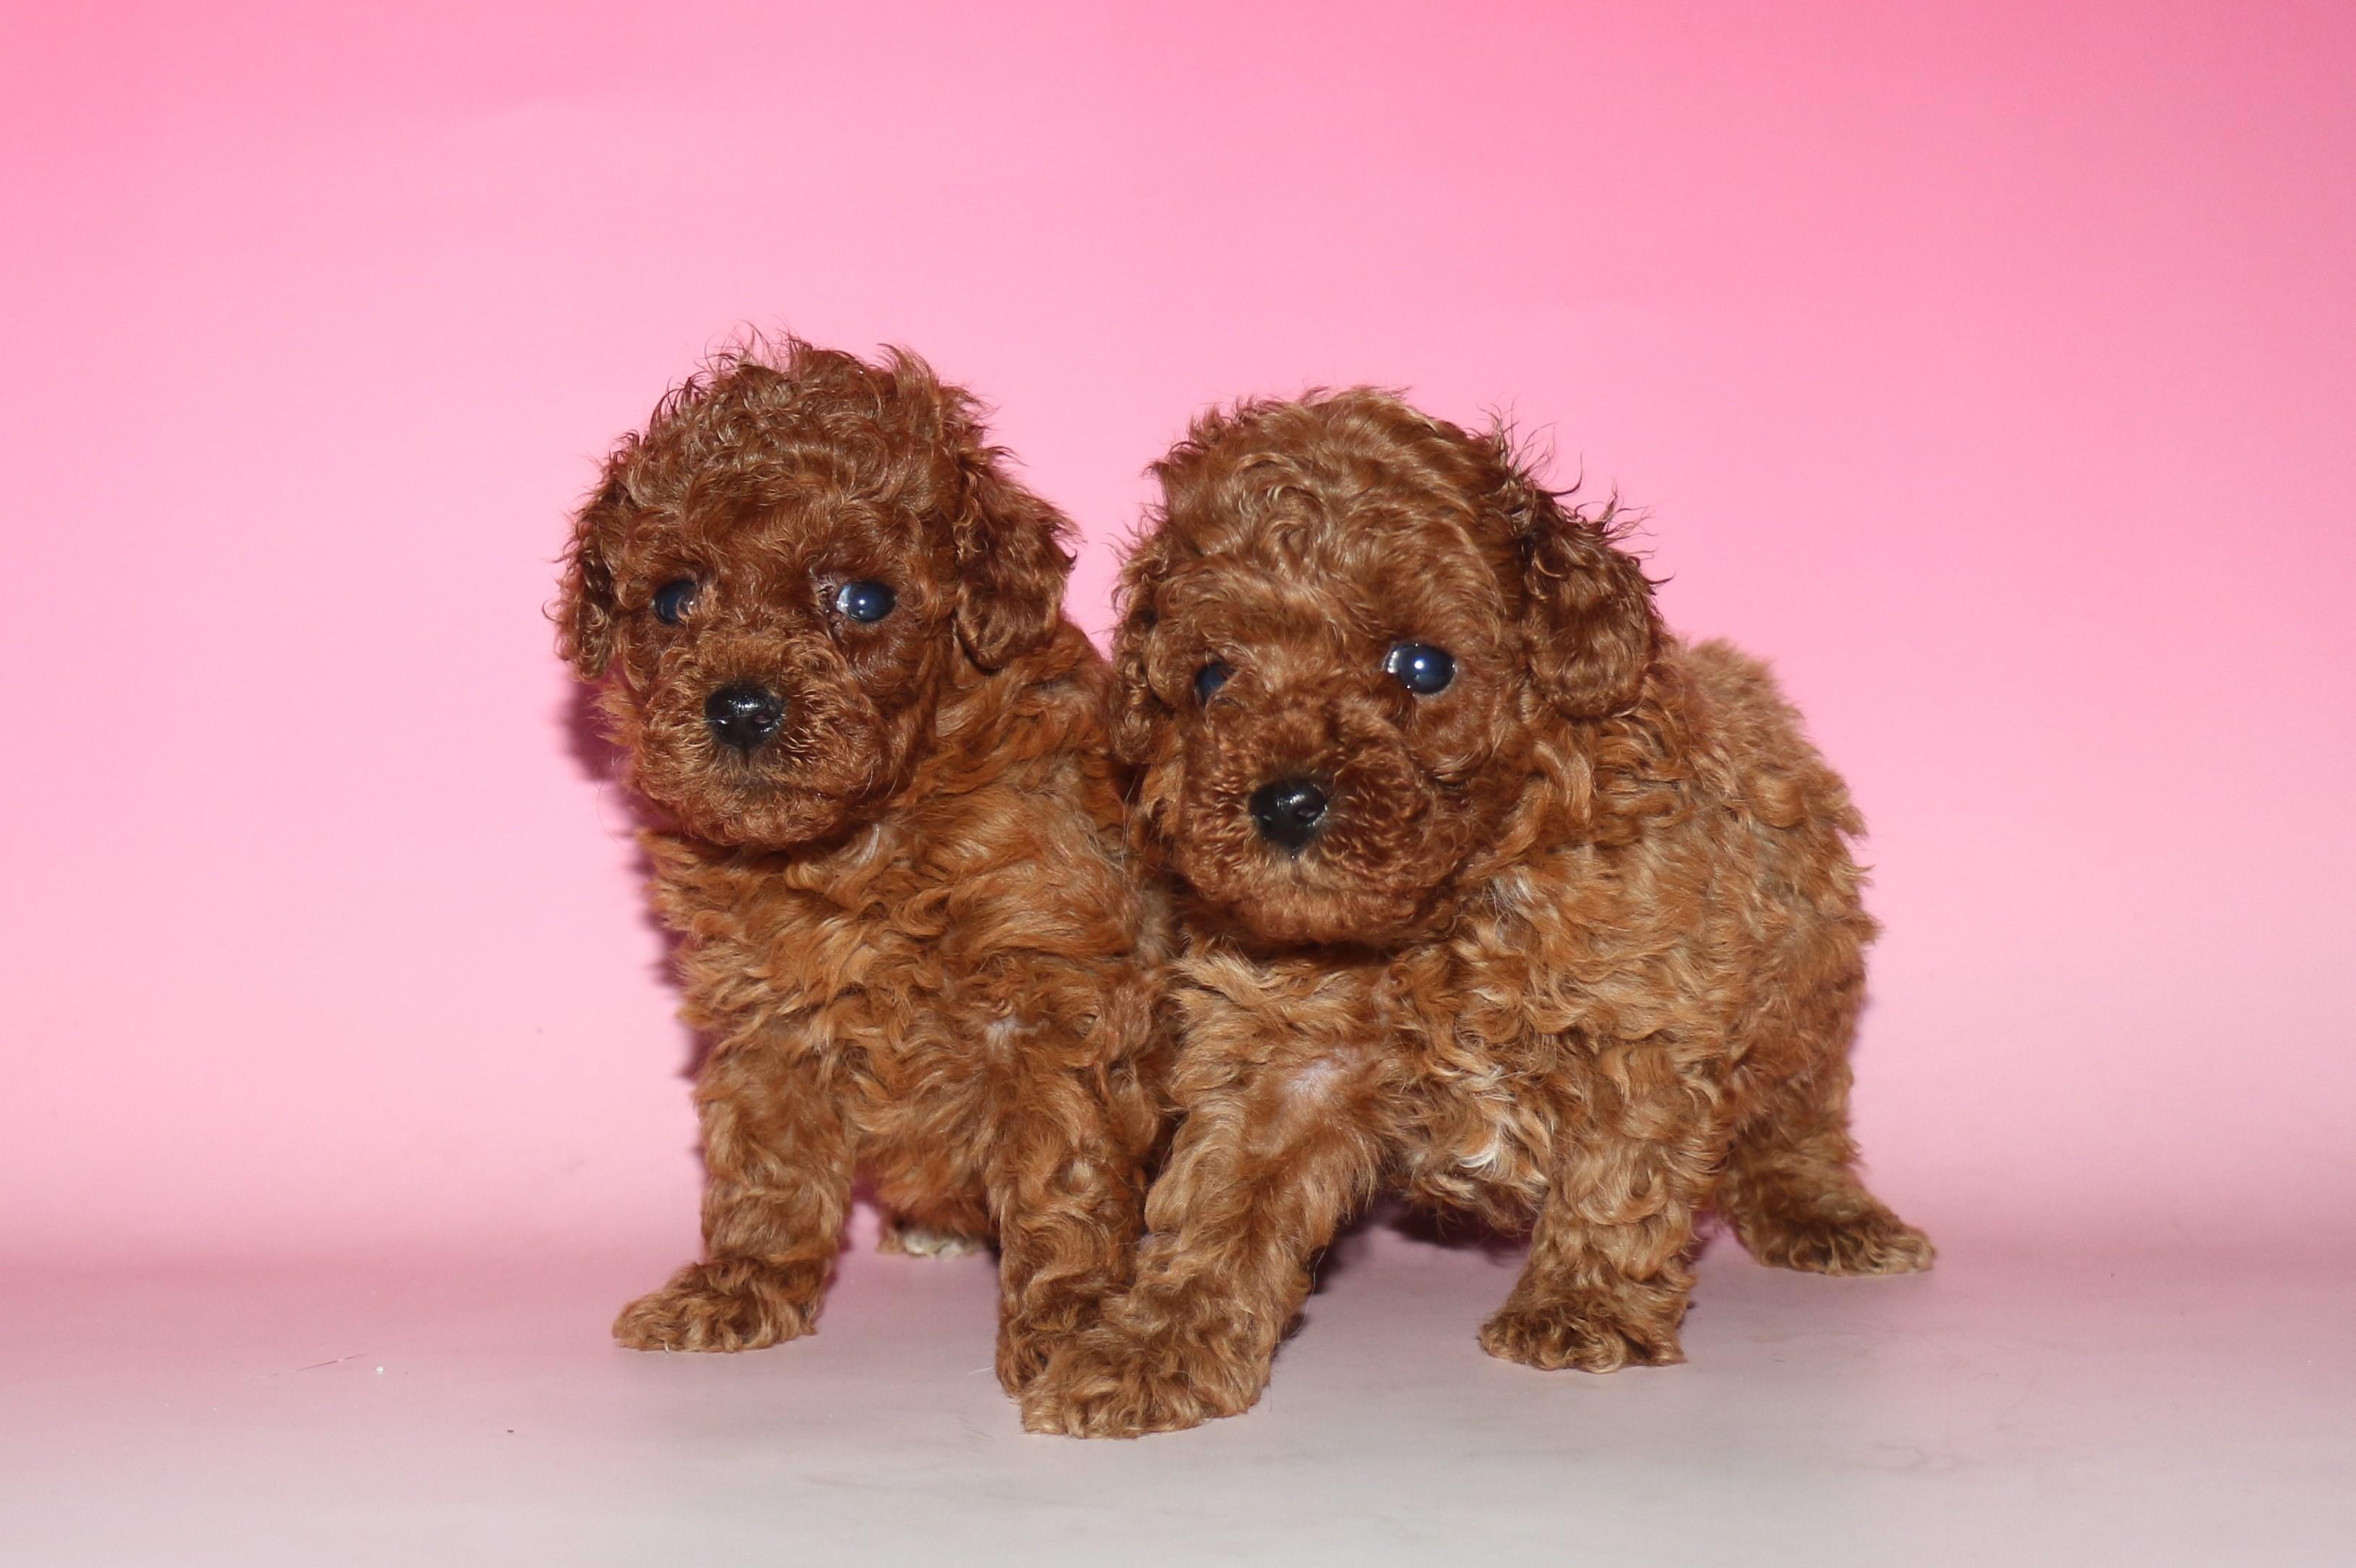 トイ・プードル 子犬販売情報の画像1